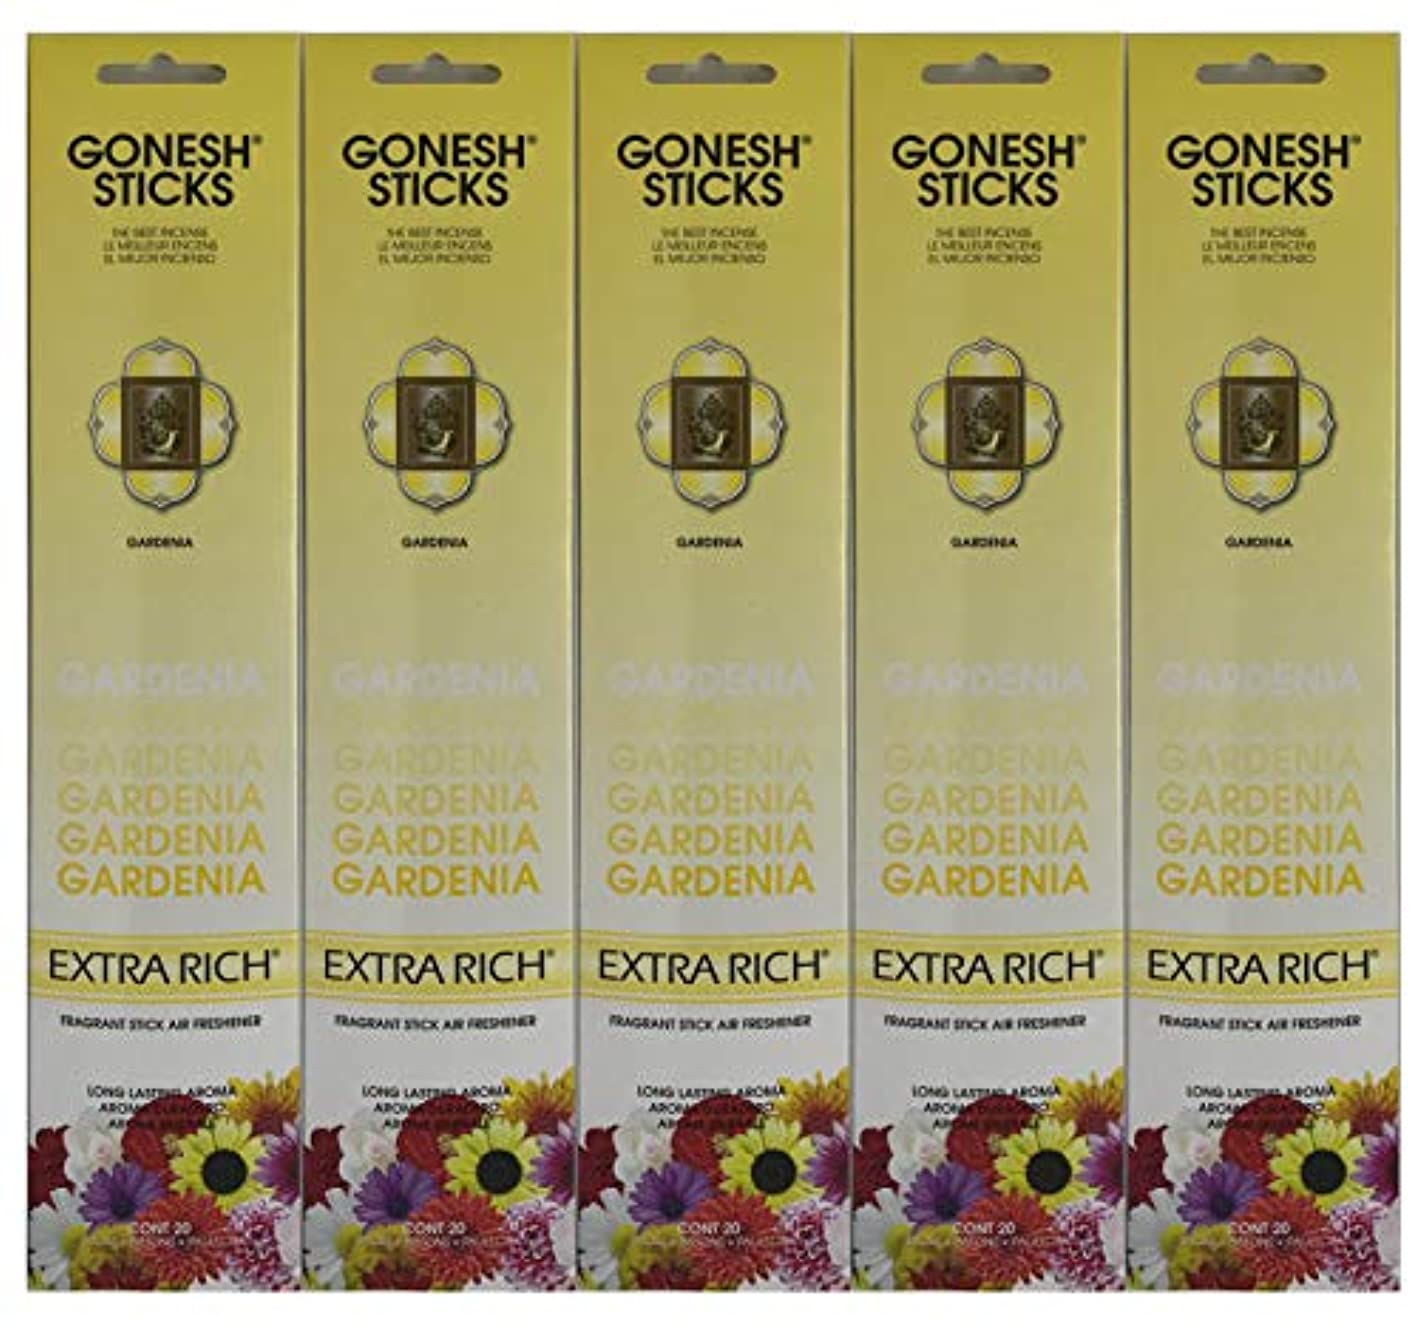 熱心嫌悪にじみ出るGonesh お香スティック エクストラリッチコレクション - Gardenia 5パック (合計100本)